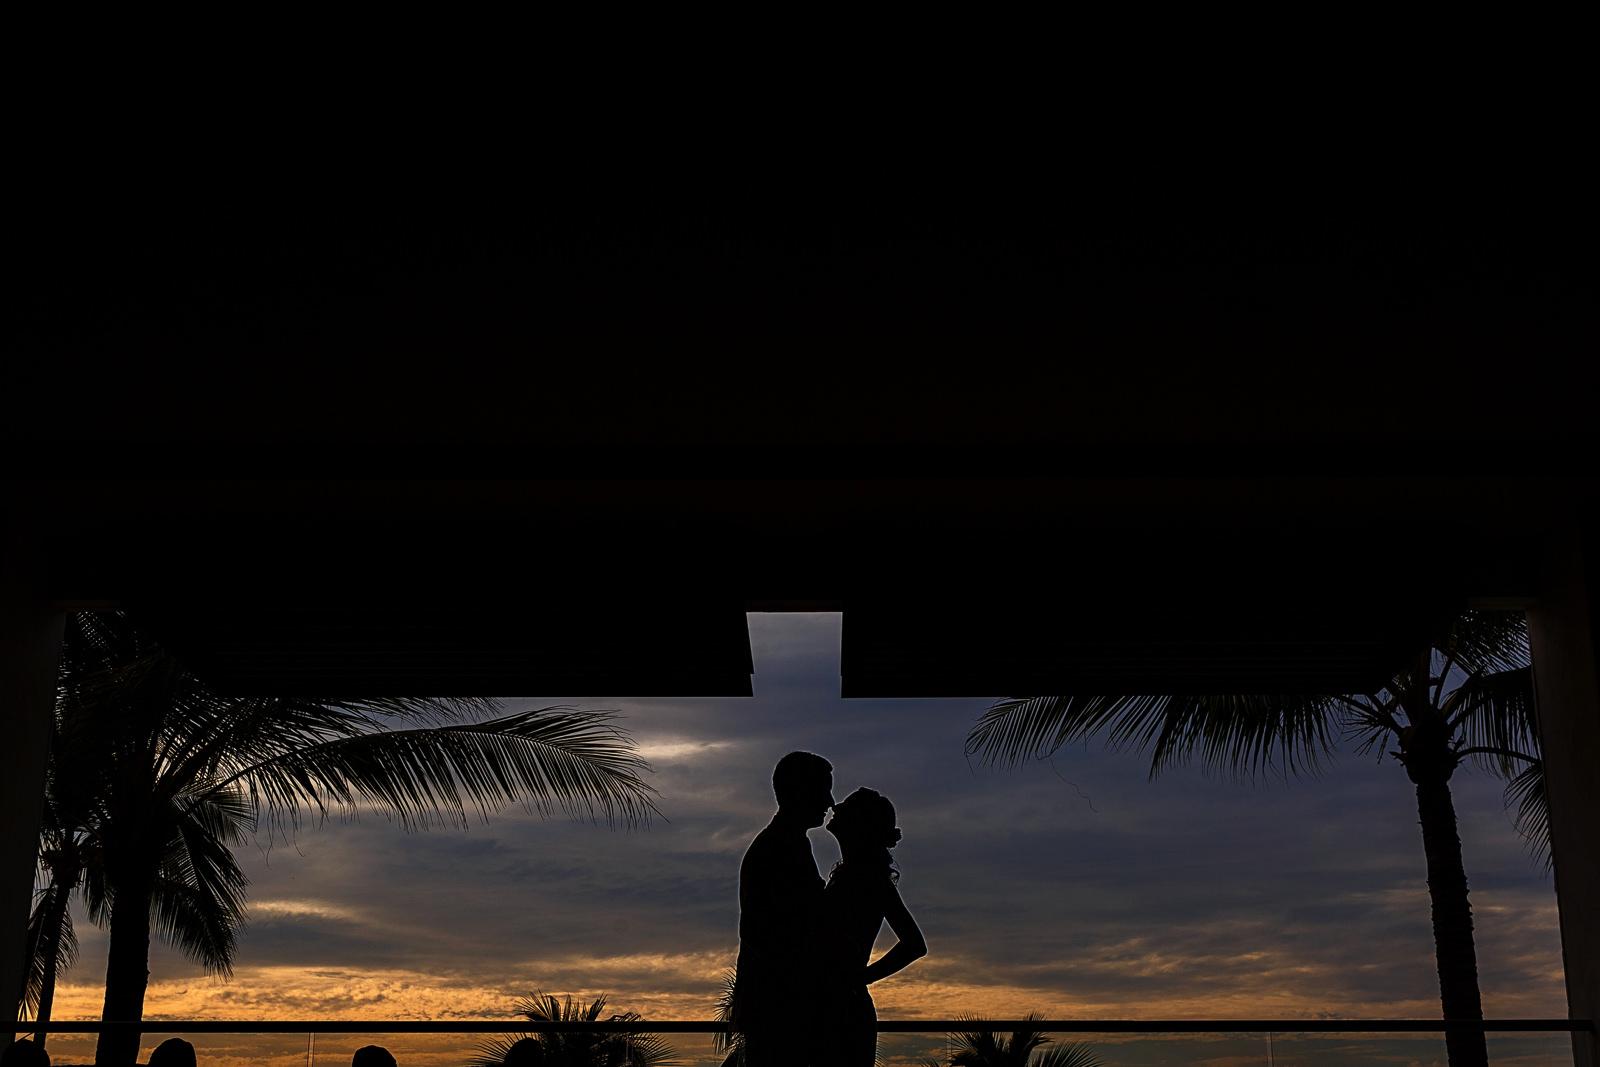 Silhouette of couple on Puerto Vallarta sunset at Hyatt Ziva Puerto Vallarta resort - Eder Acevedo cancun los cabos vallarta photographer